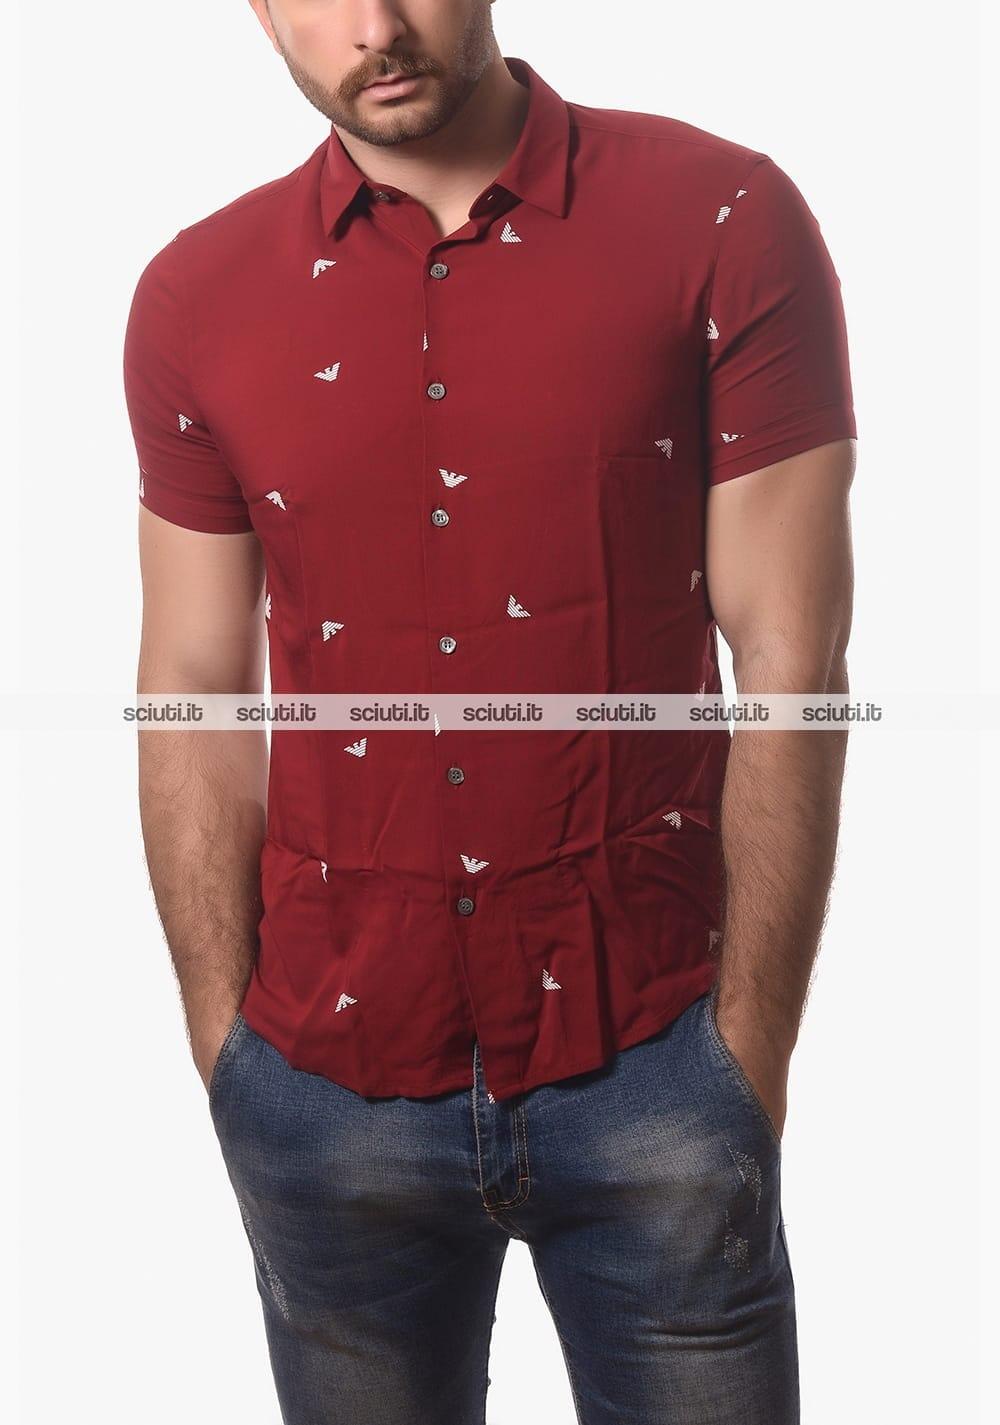 new styles 3bb63 c82aa Camicia Emporio Armani uomo maniche corte rosso   Sciuti.it